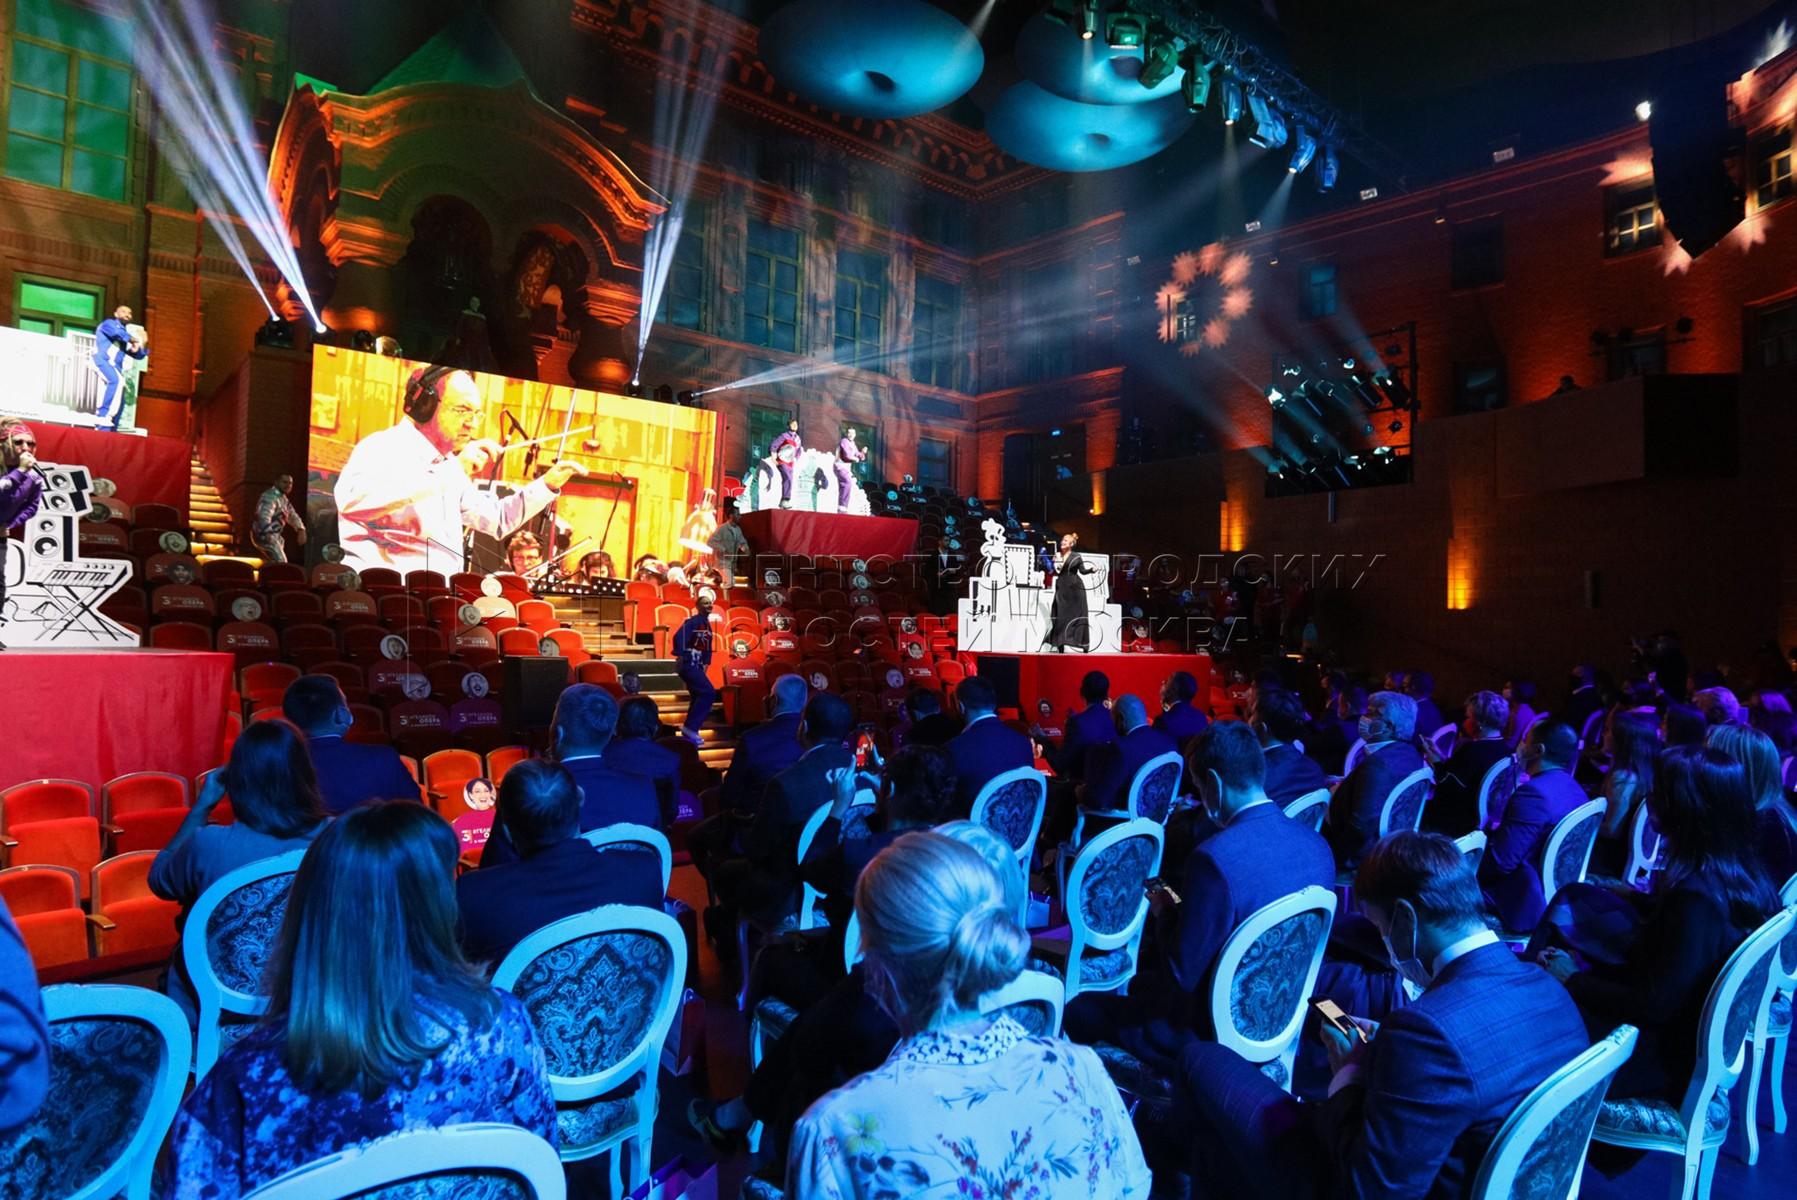 Церемония открытия Национального открытого чемпионата творческих компетенций ArtMasters в театре «Геликон-опера».